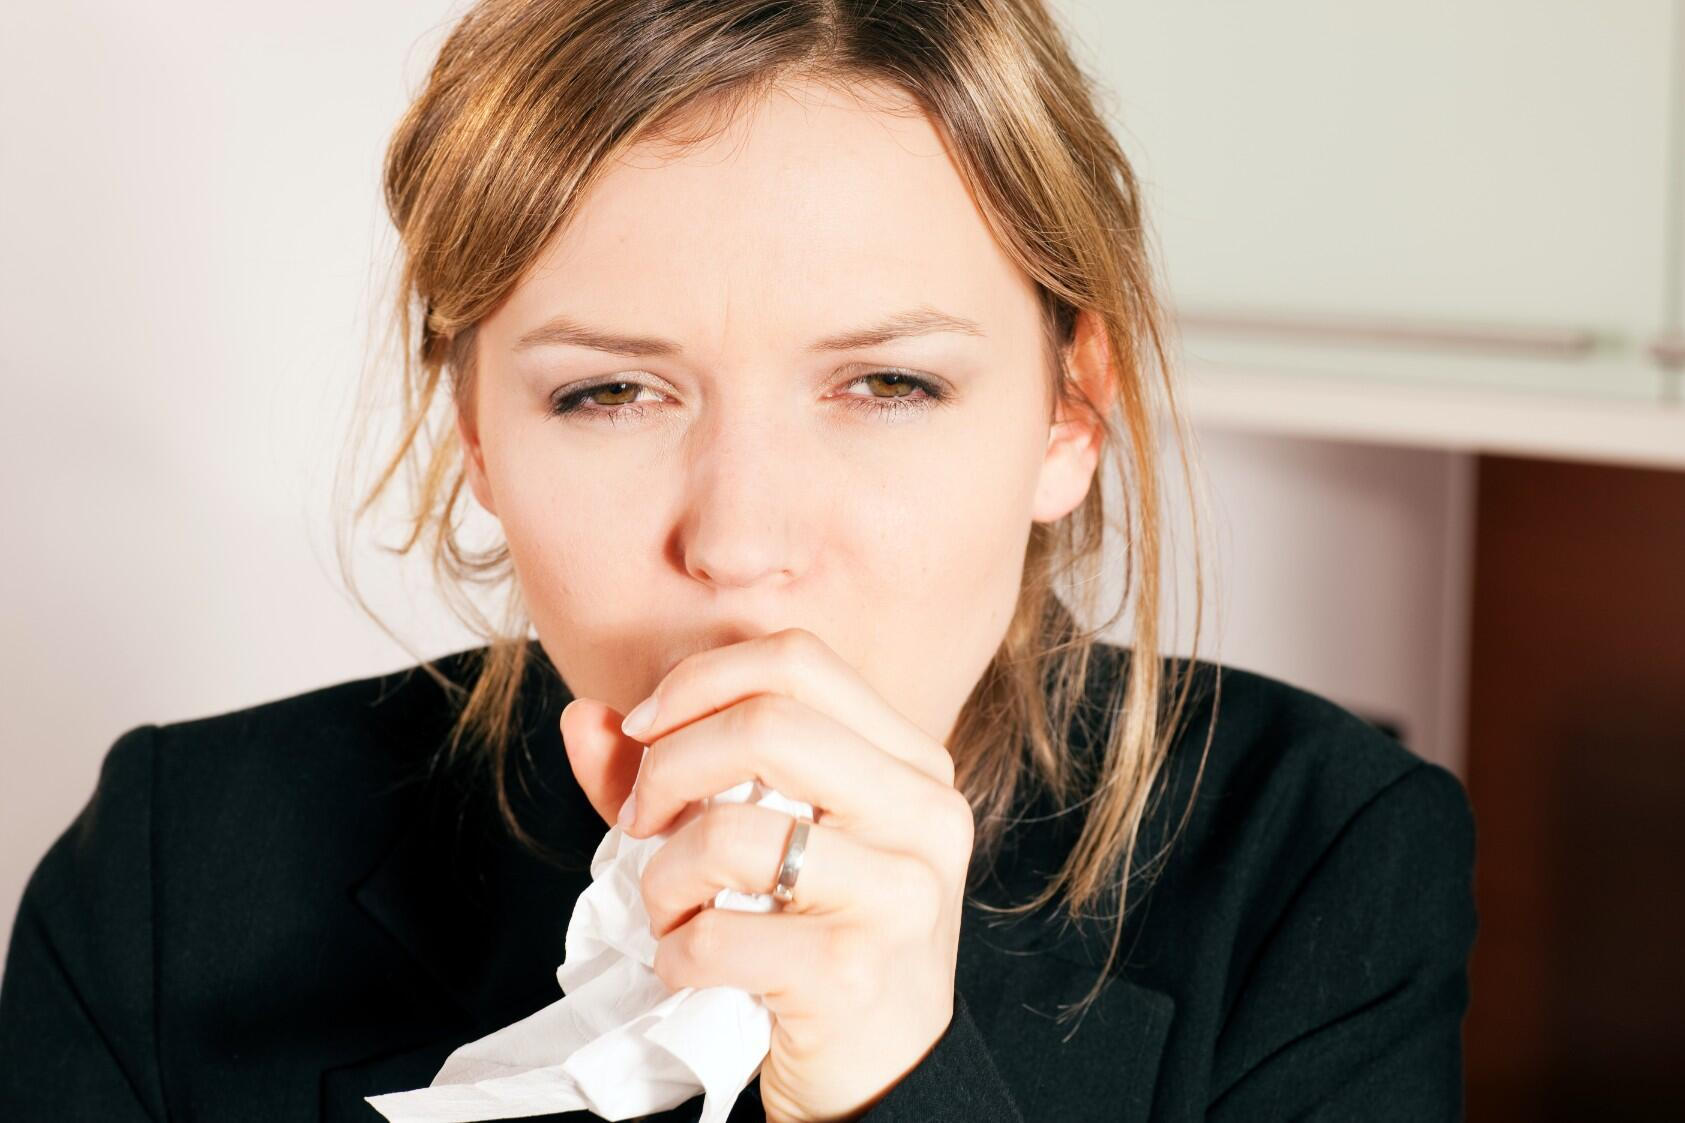 Nard. Yararlı bir kökün terapötik özellikleri ve kontrendikasyonları 58